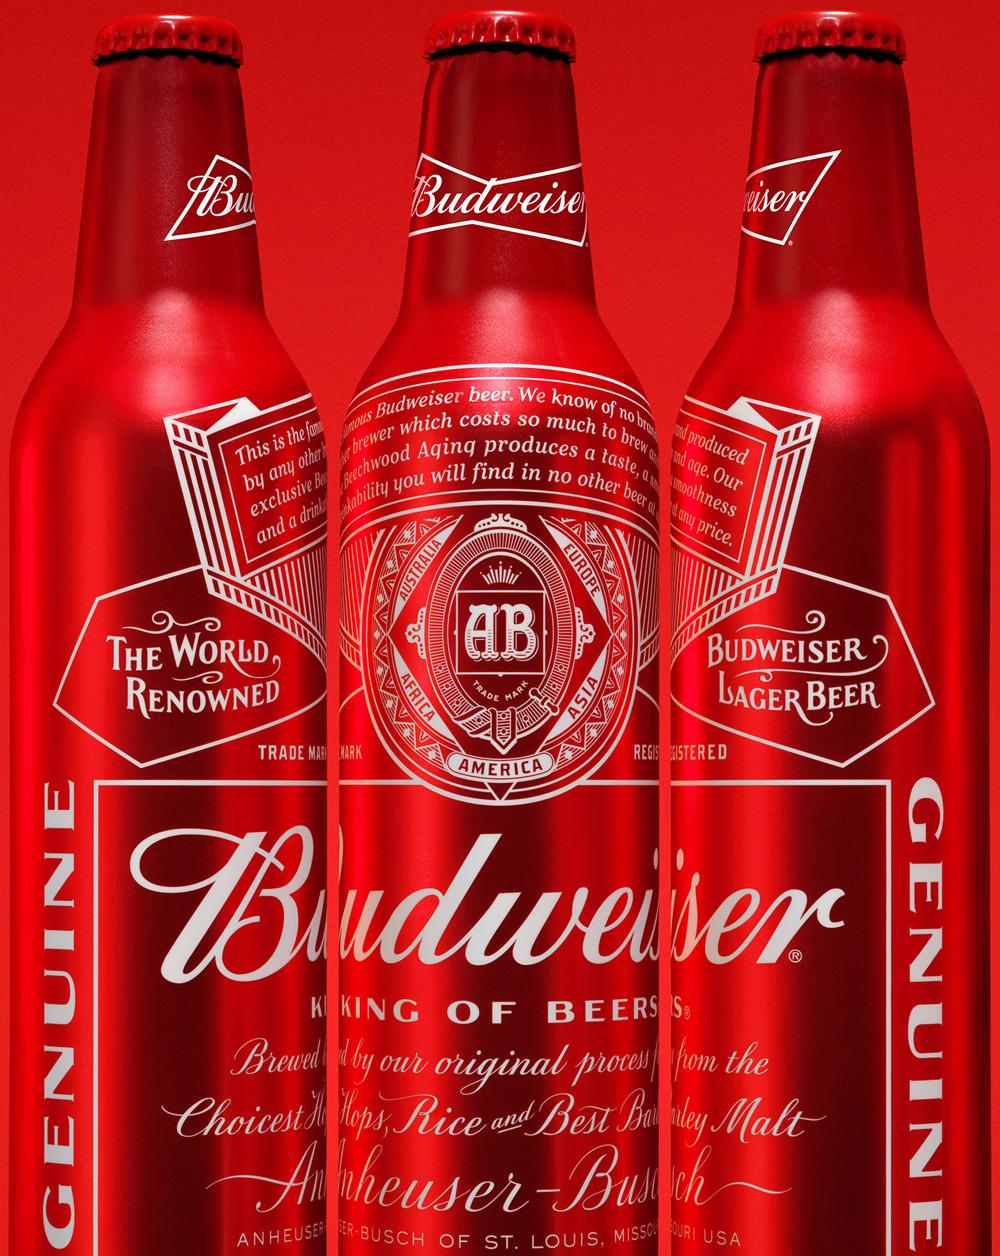 Budweiser - rebranding - WCIE2